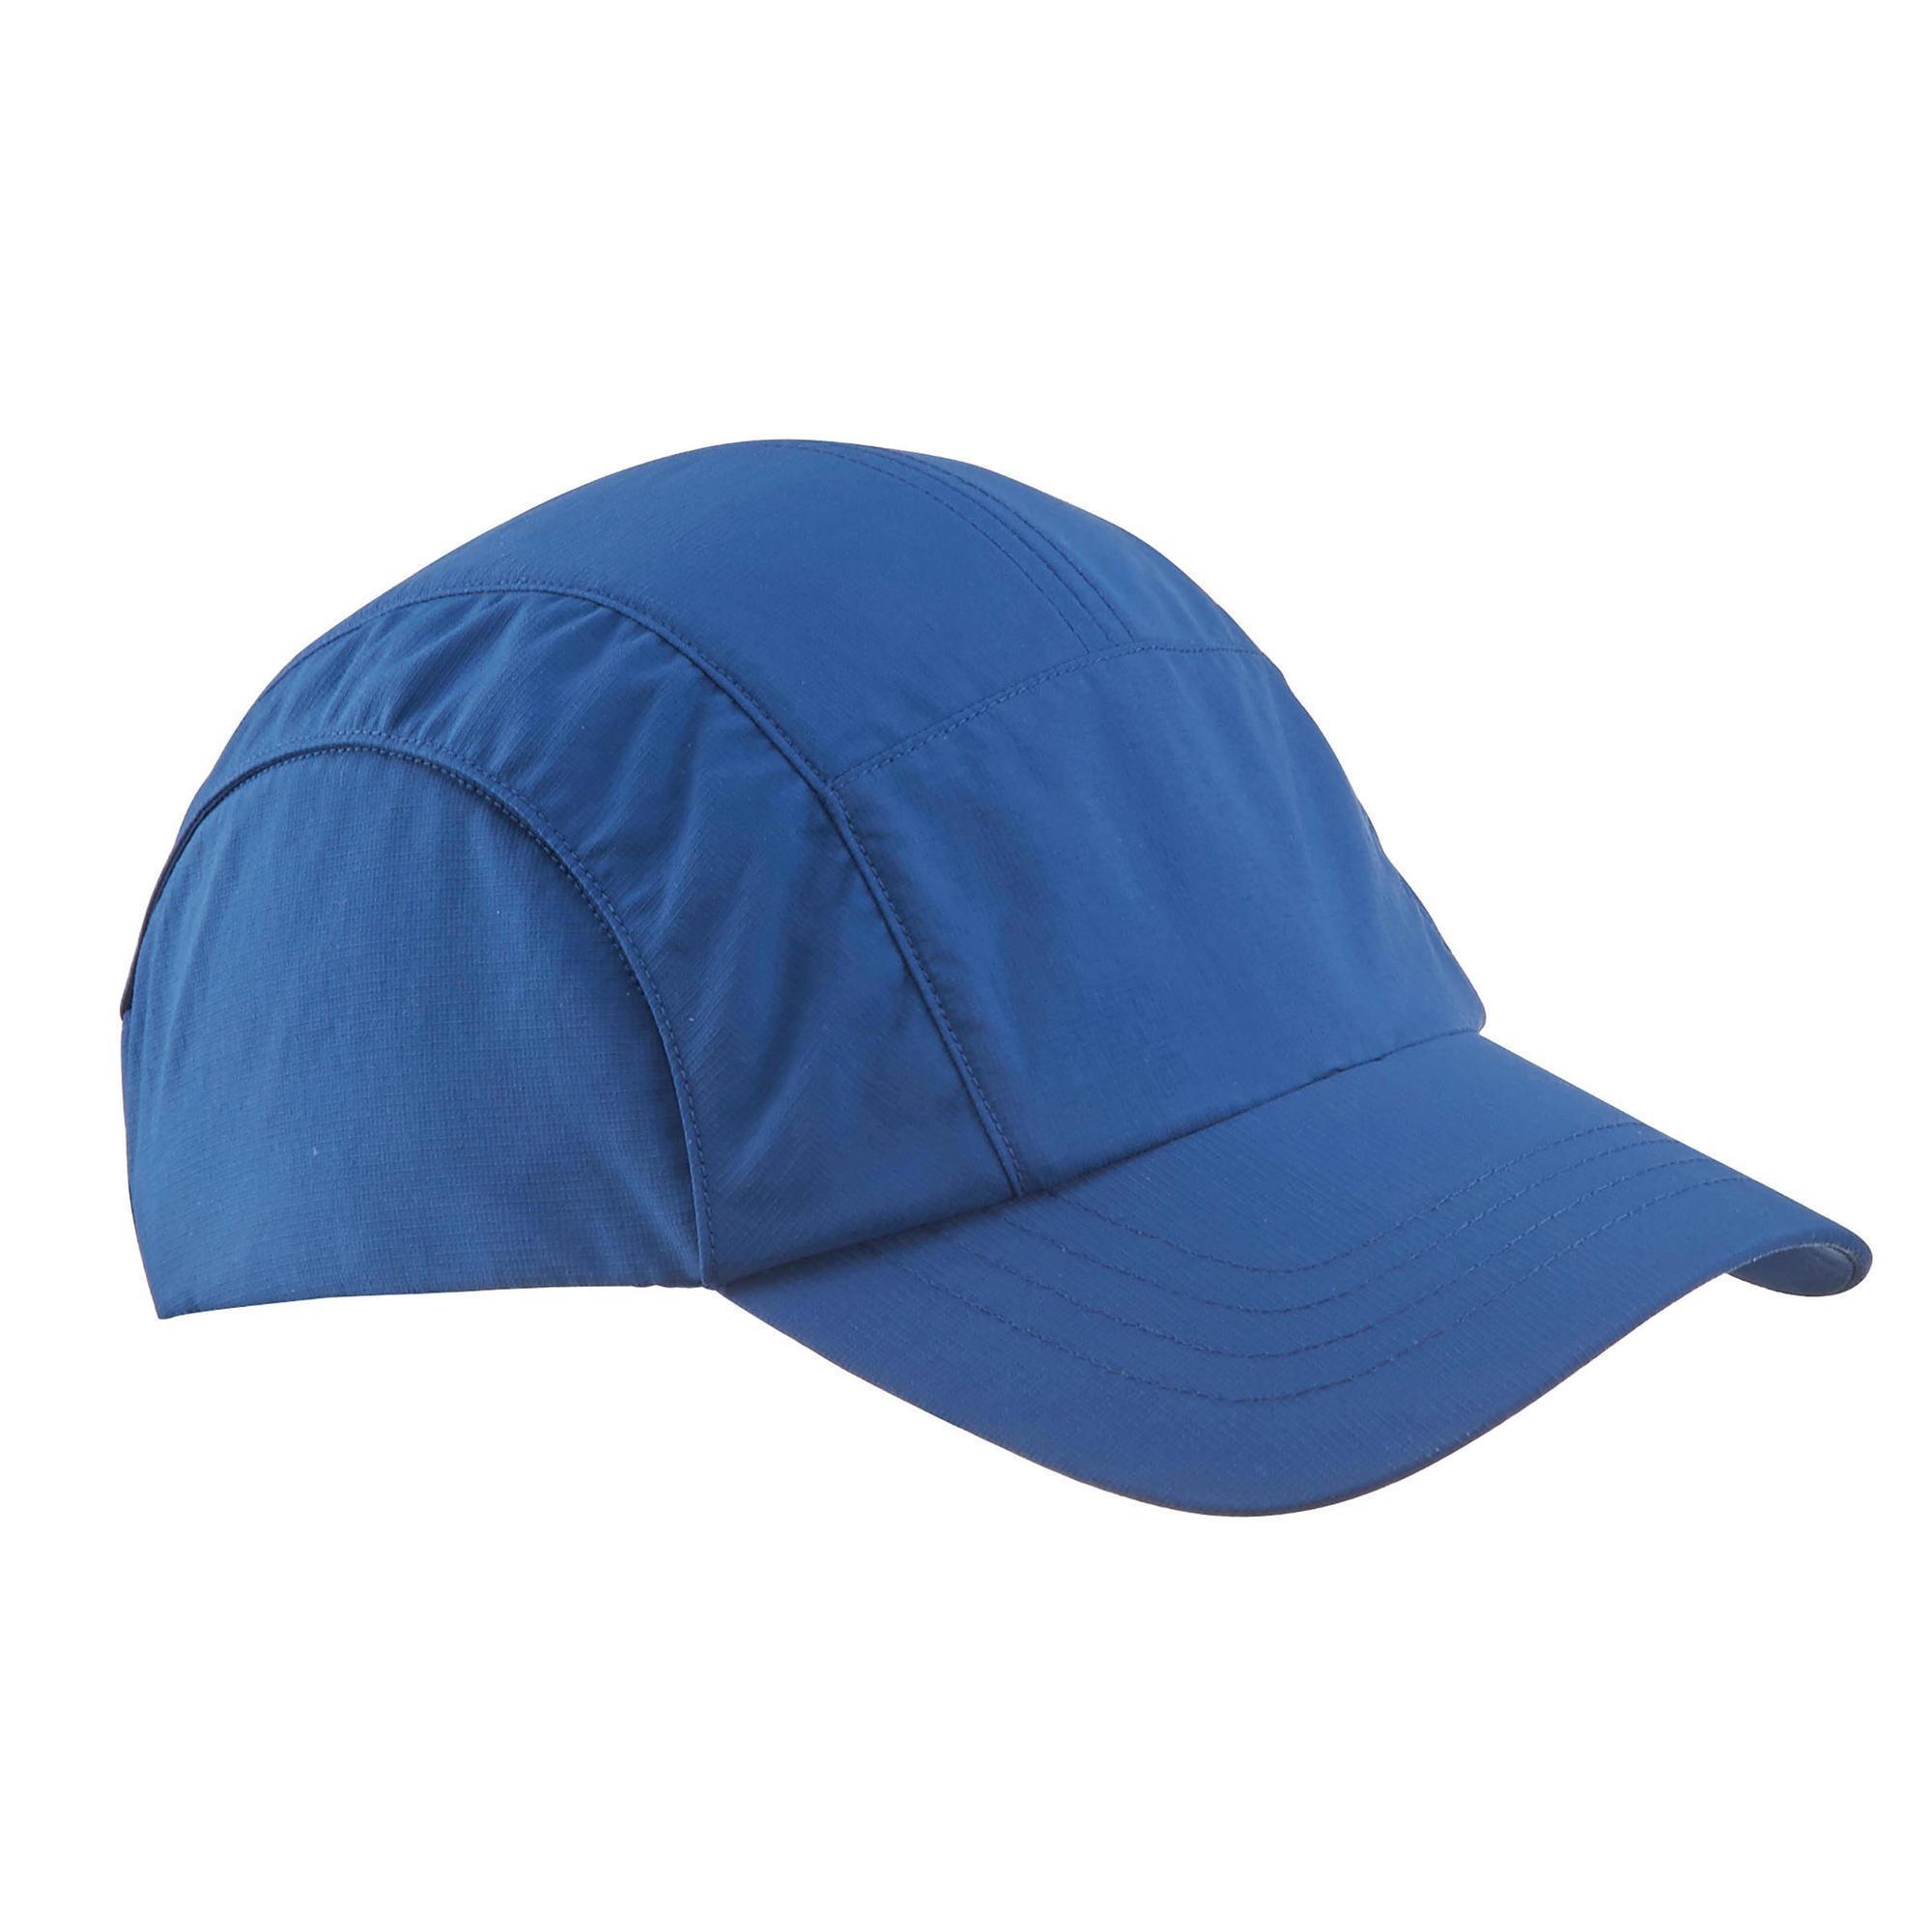 Strumpf Kappe Mütze Pink & Braun Kleinkinder Einheitsgröße